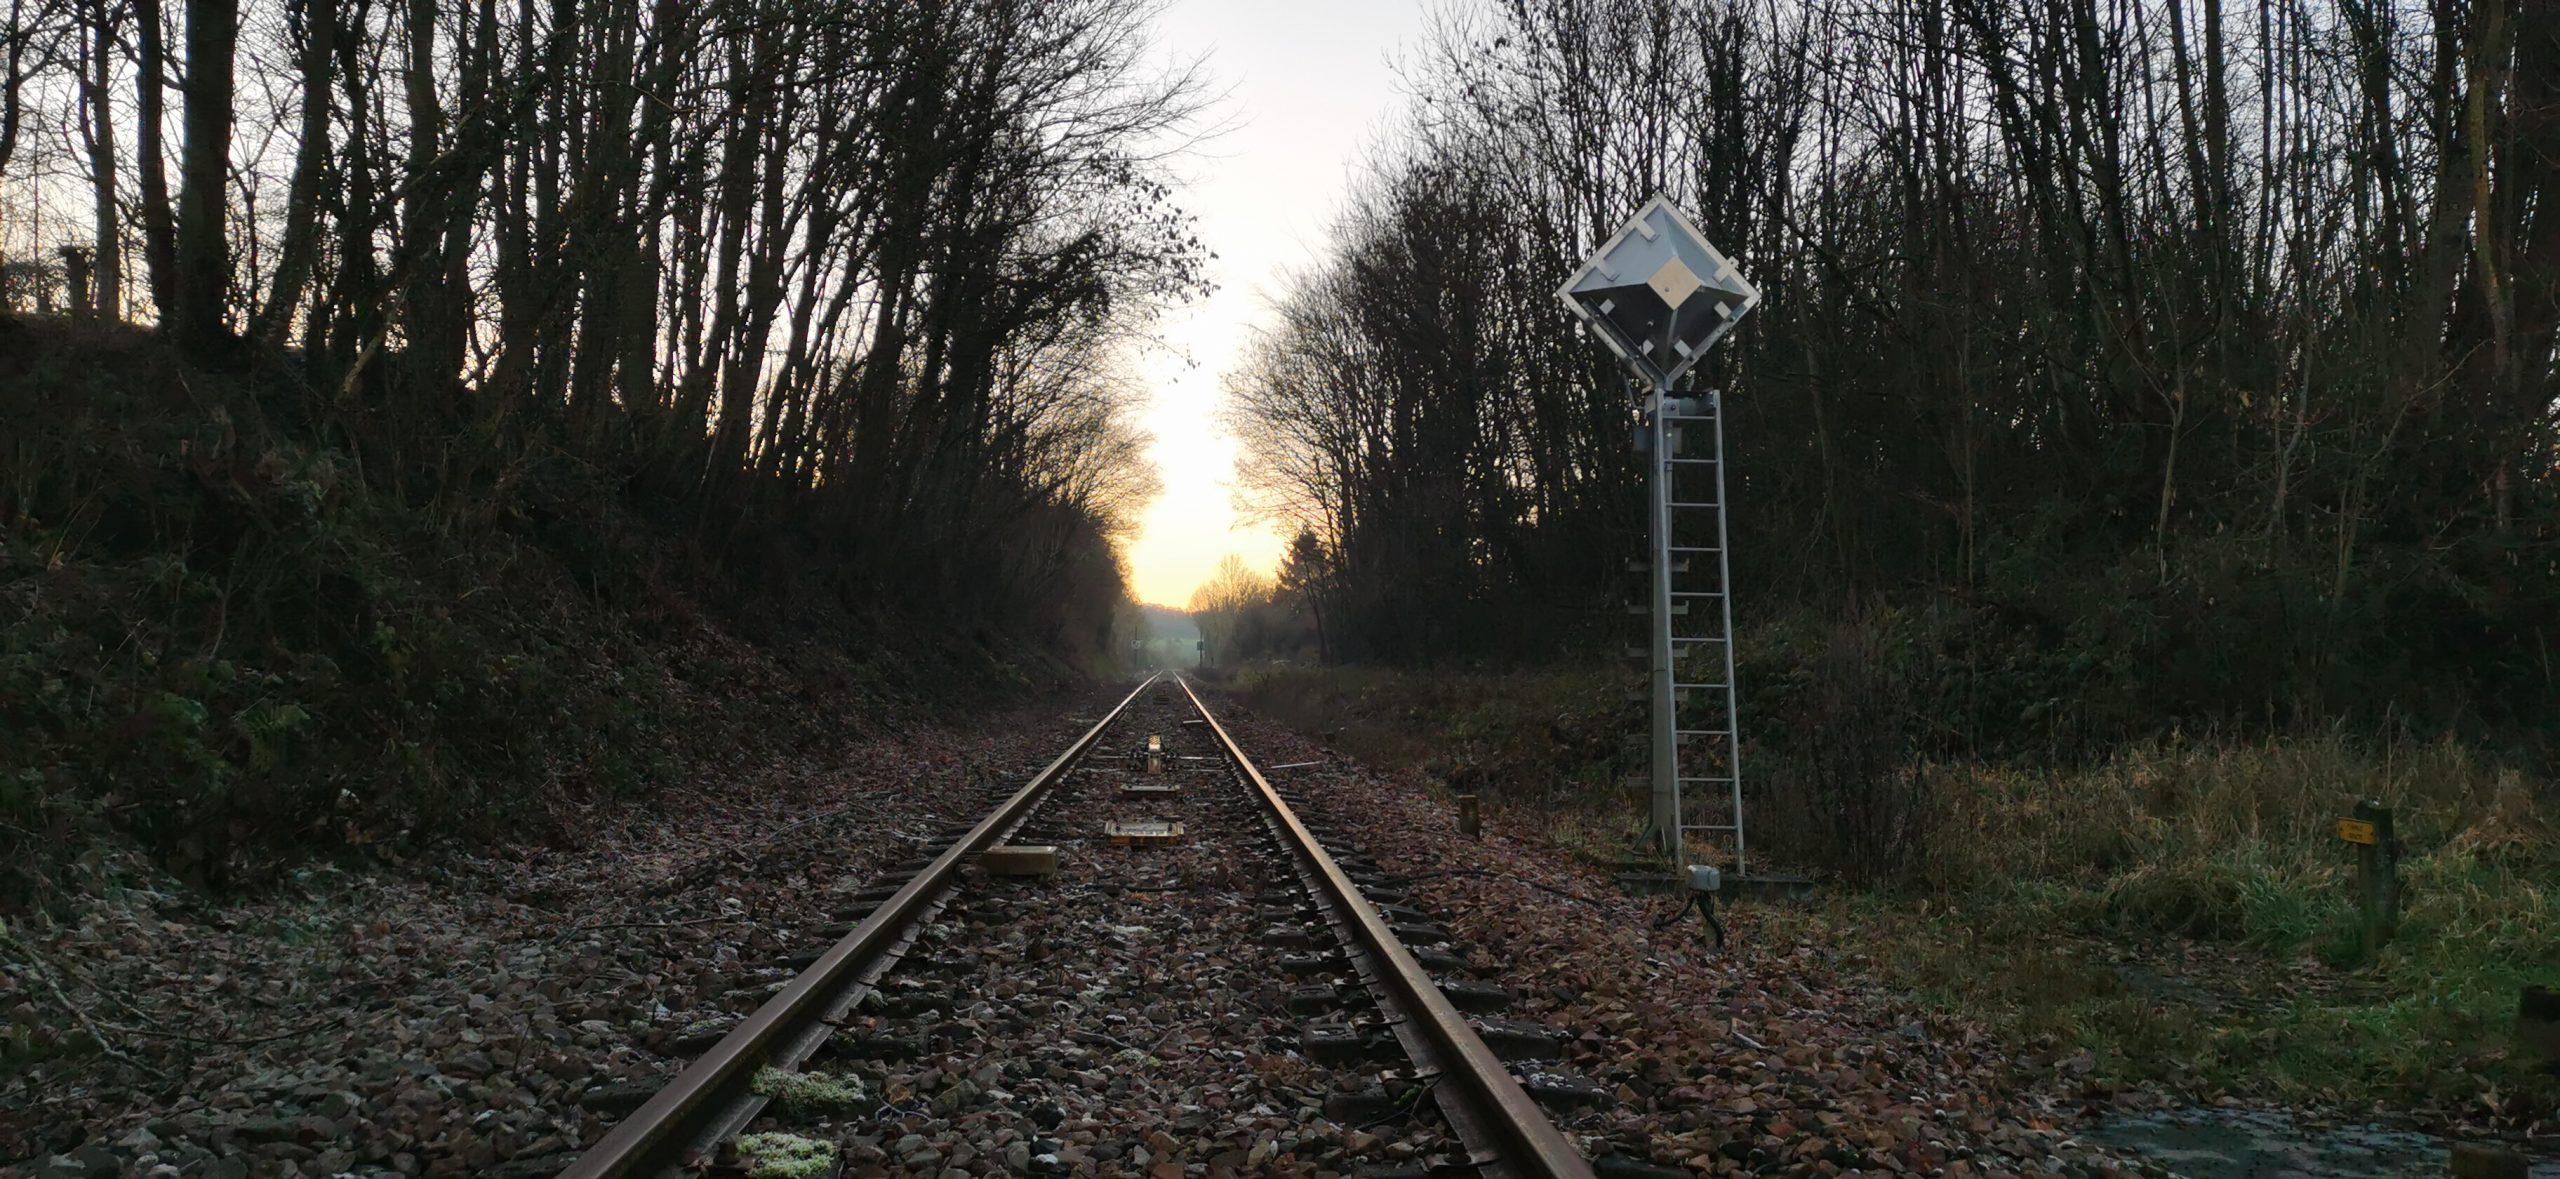 Aucun train ne circulera entre Saint-Pol et Arras avant 2022